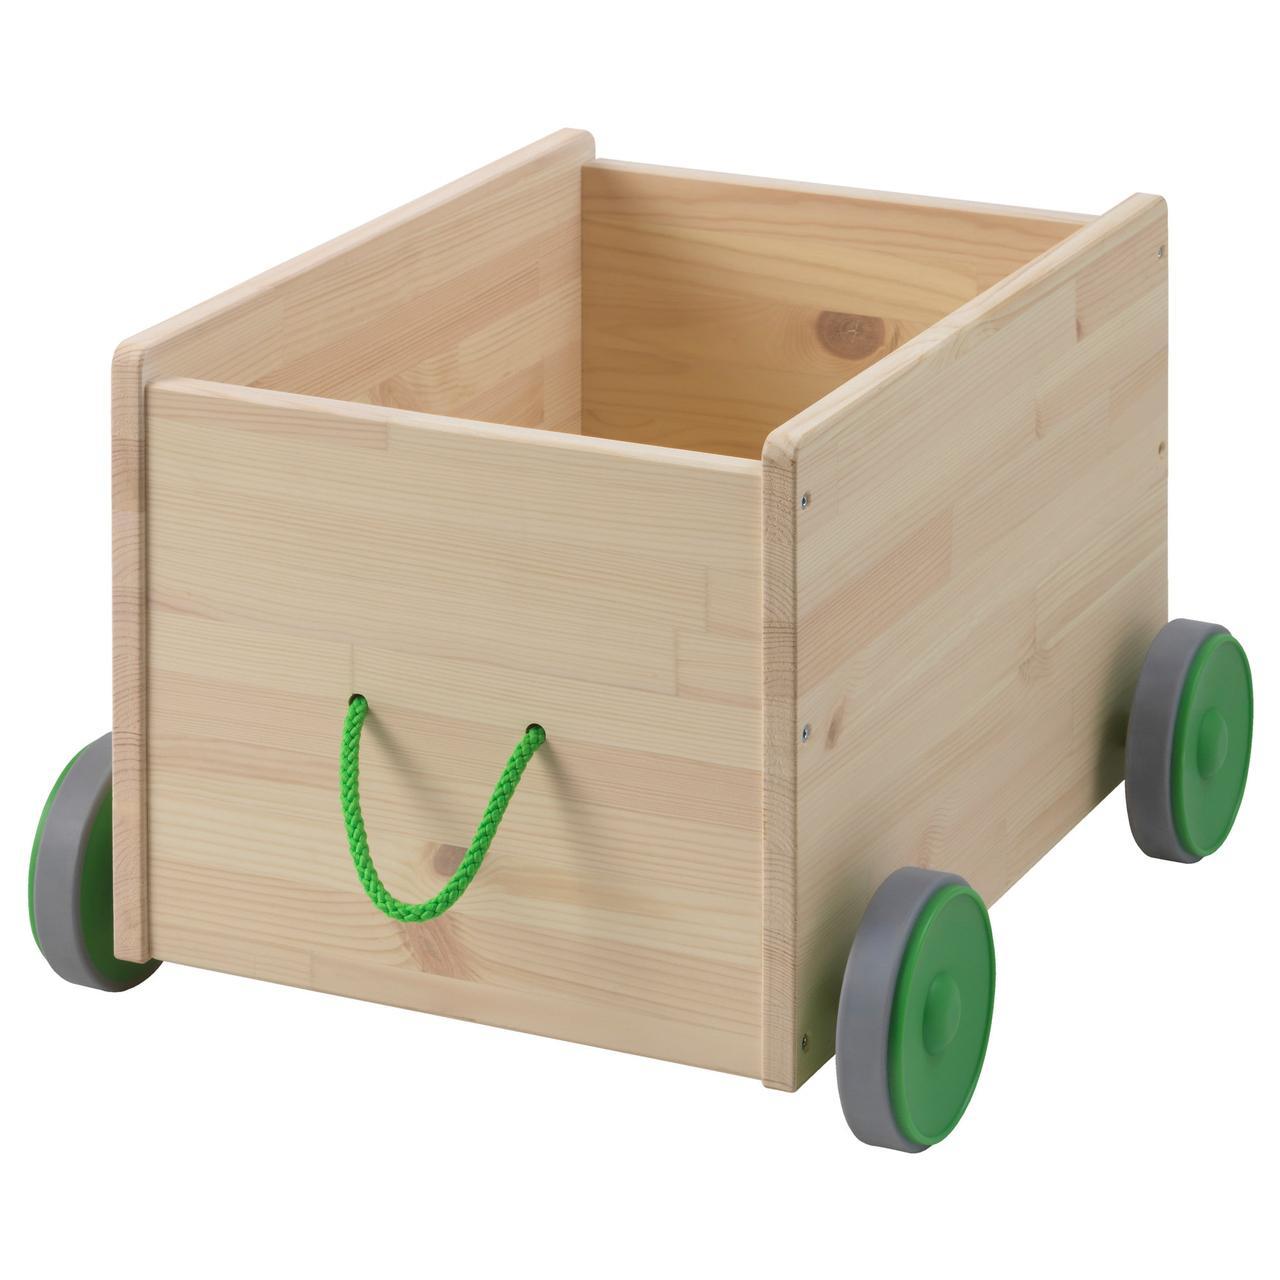 ФЛИСАТ Контейнер д/игрушек, с колесиками